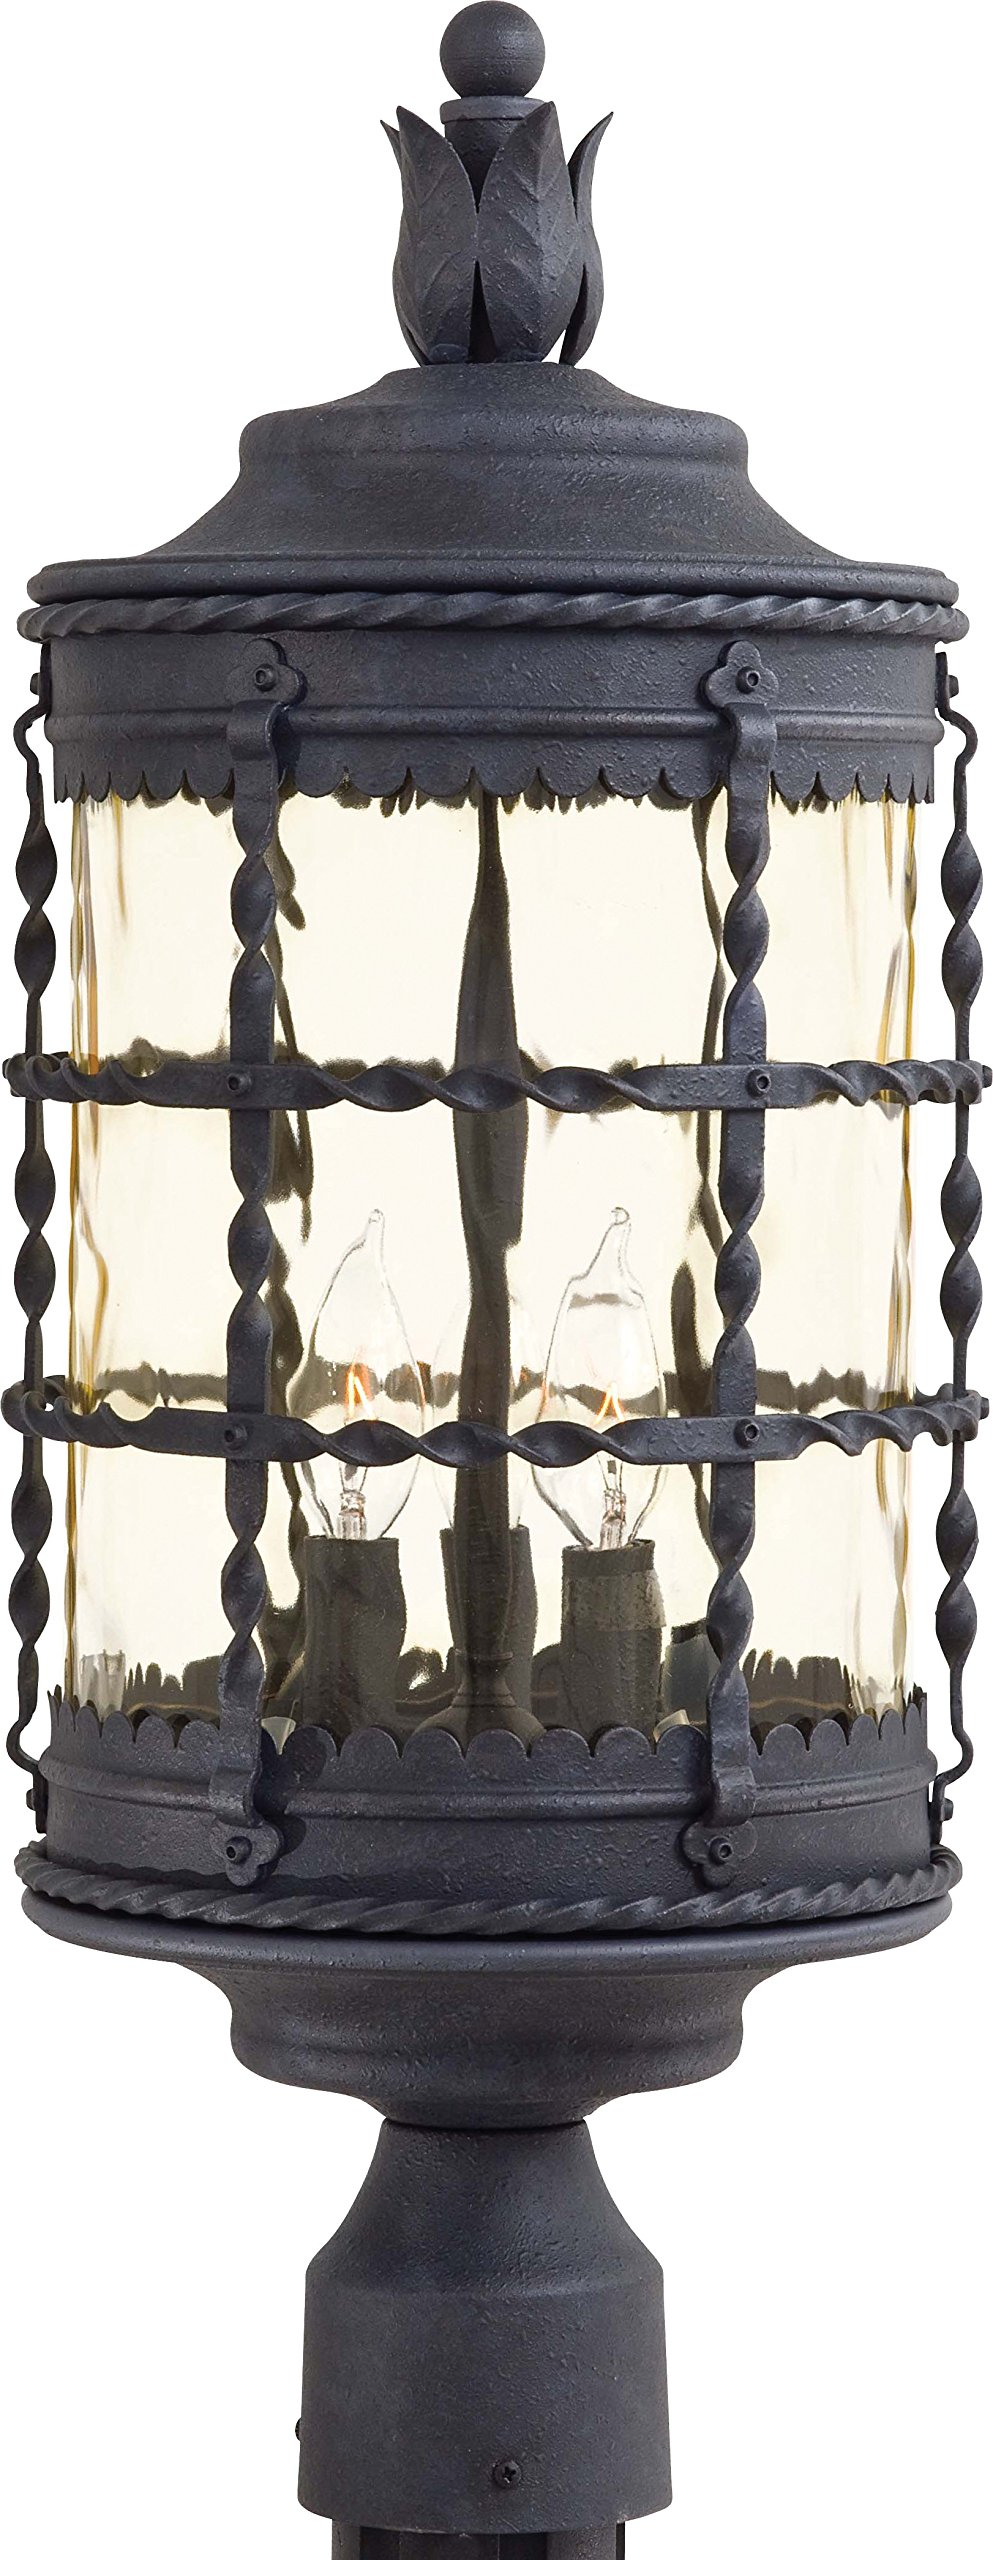 Minka Lavery Outdoor Post Lights 8885-A39, Mallorca Exterior Lighting Fixture, 120 Watts, Iron